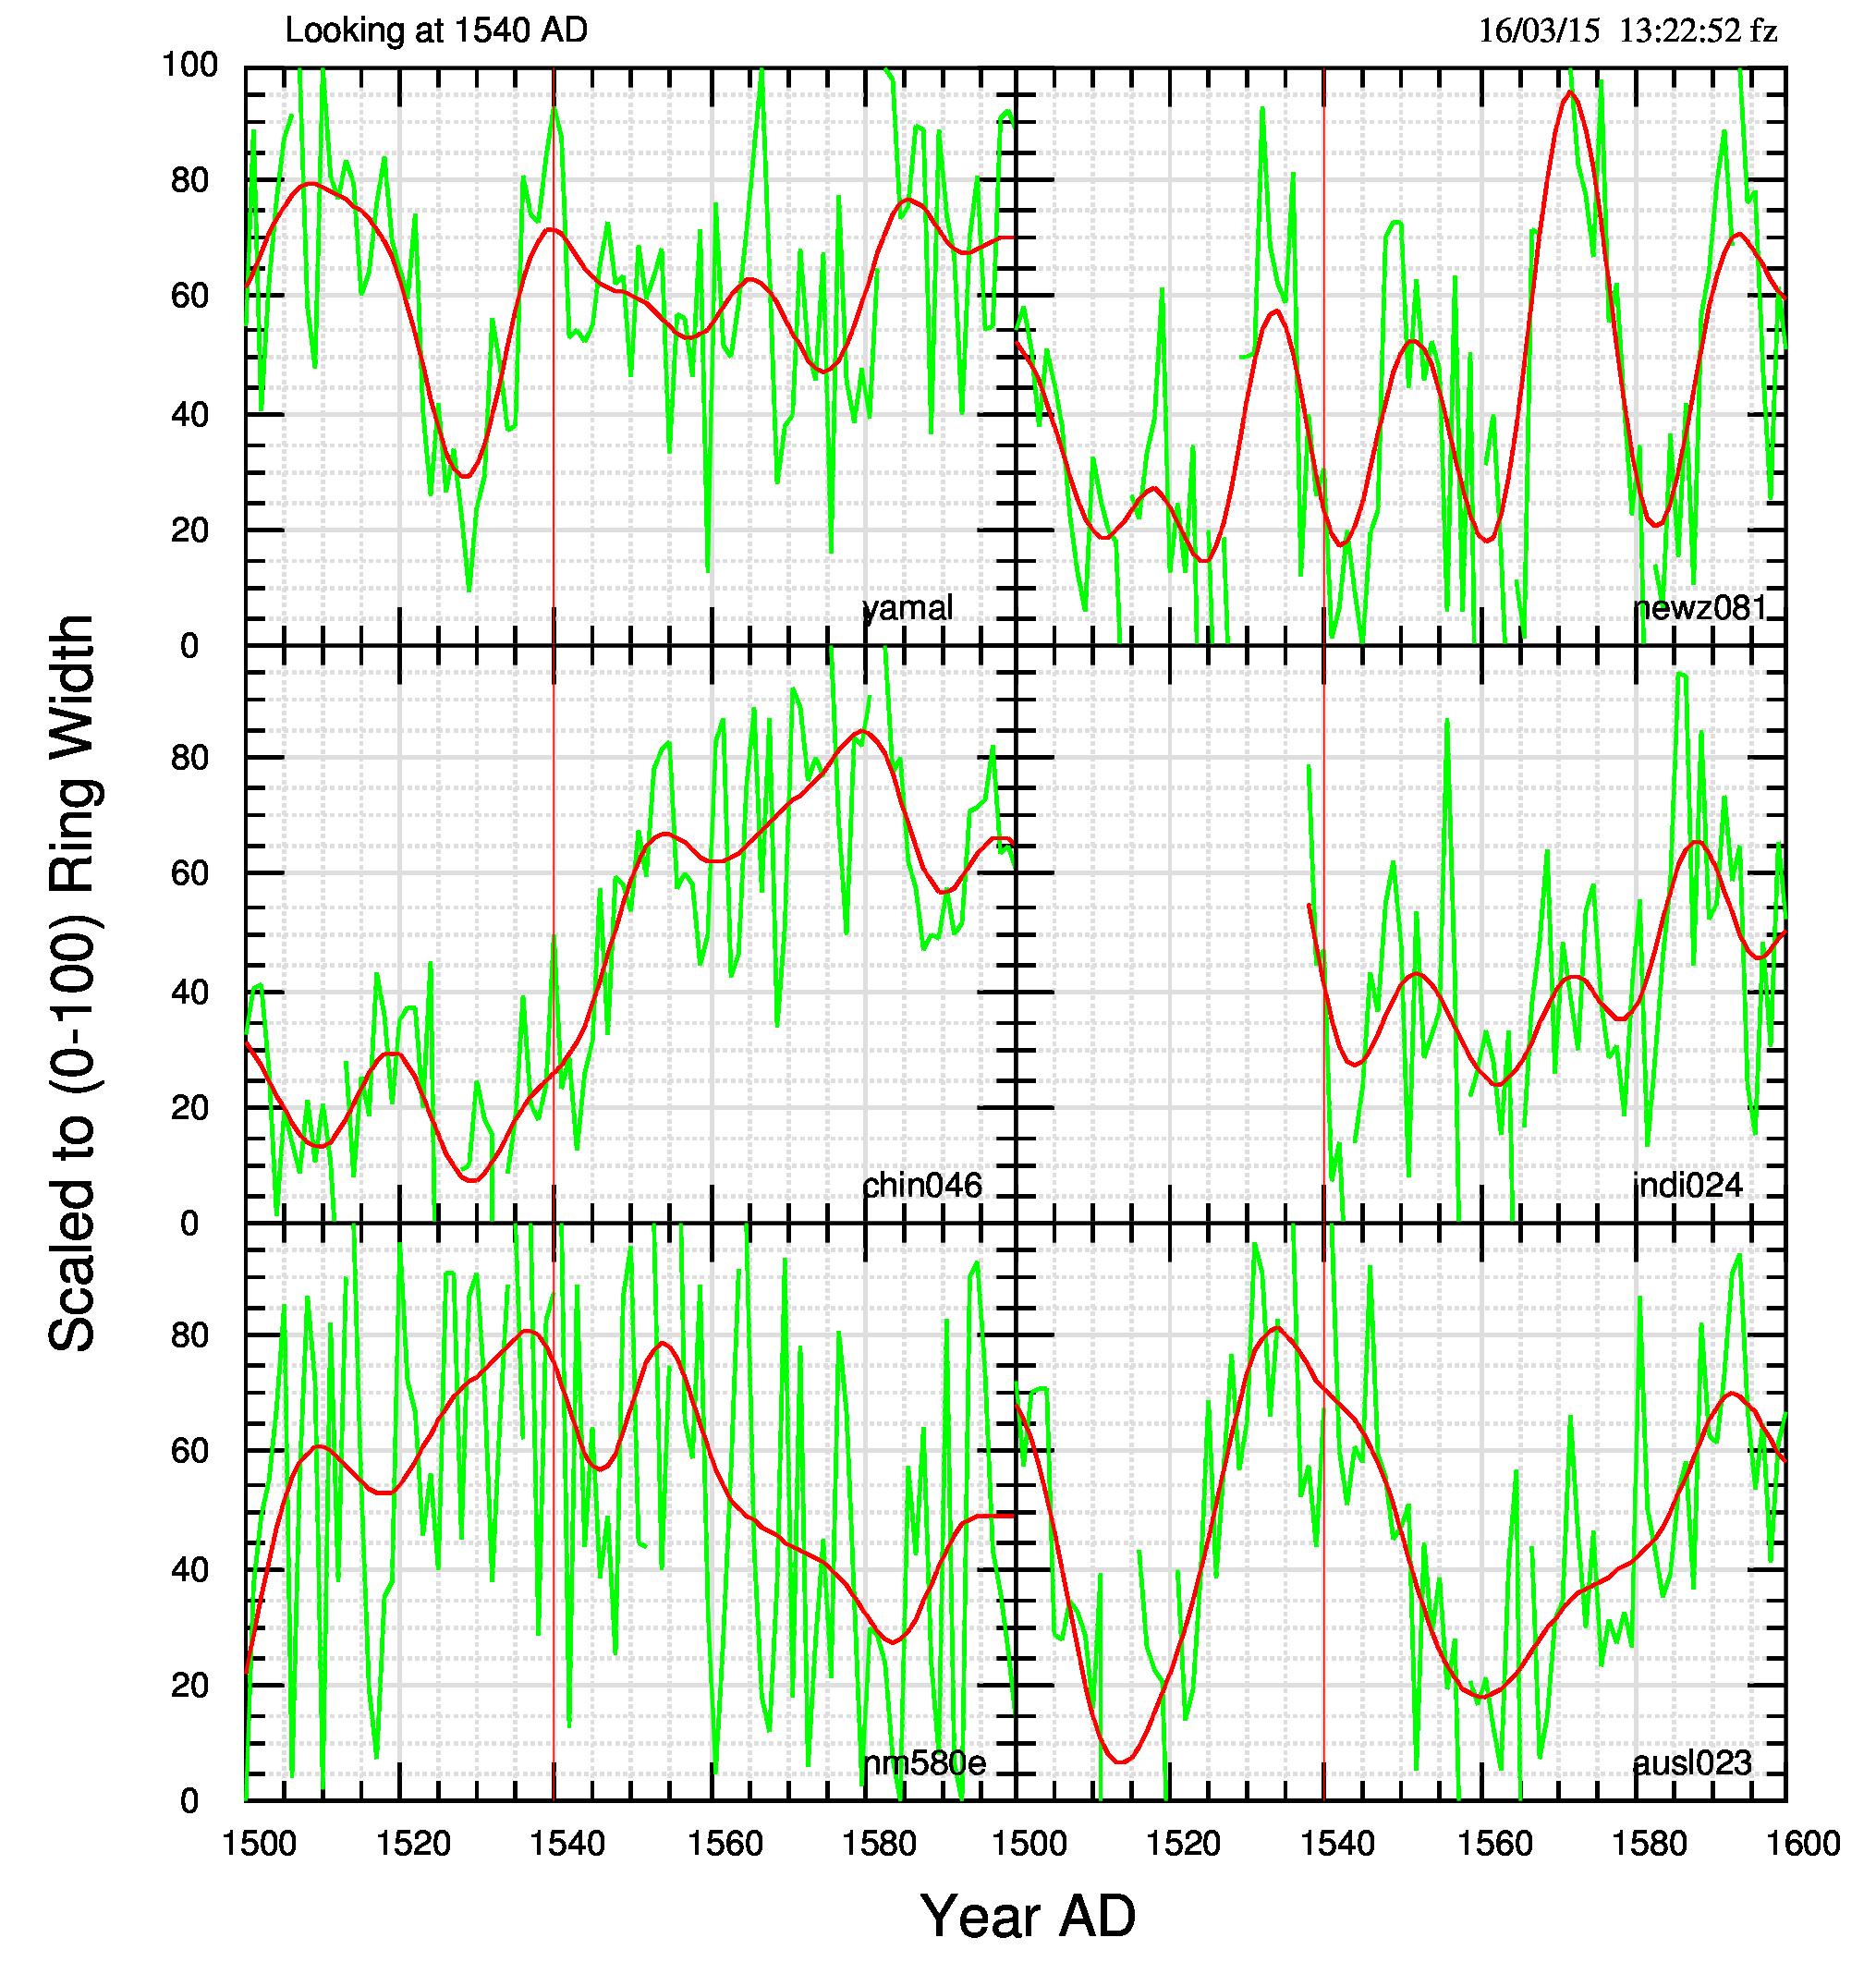 Fig.3: Accrescimento degli anelli per 6 dataset che coprono il periodo interessato. Linea verde, dati osservati; linea rossa, filtro passa-basso con finestra di 11 anni; linea rossa sottile, verticale, identificazione dell'anno 1540. I dati sono scalati in ordinata, in modo da poter essere tutti graficati nell'intervallo 0-100.